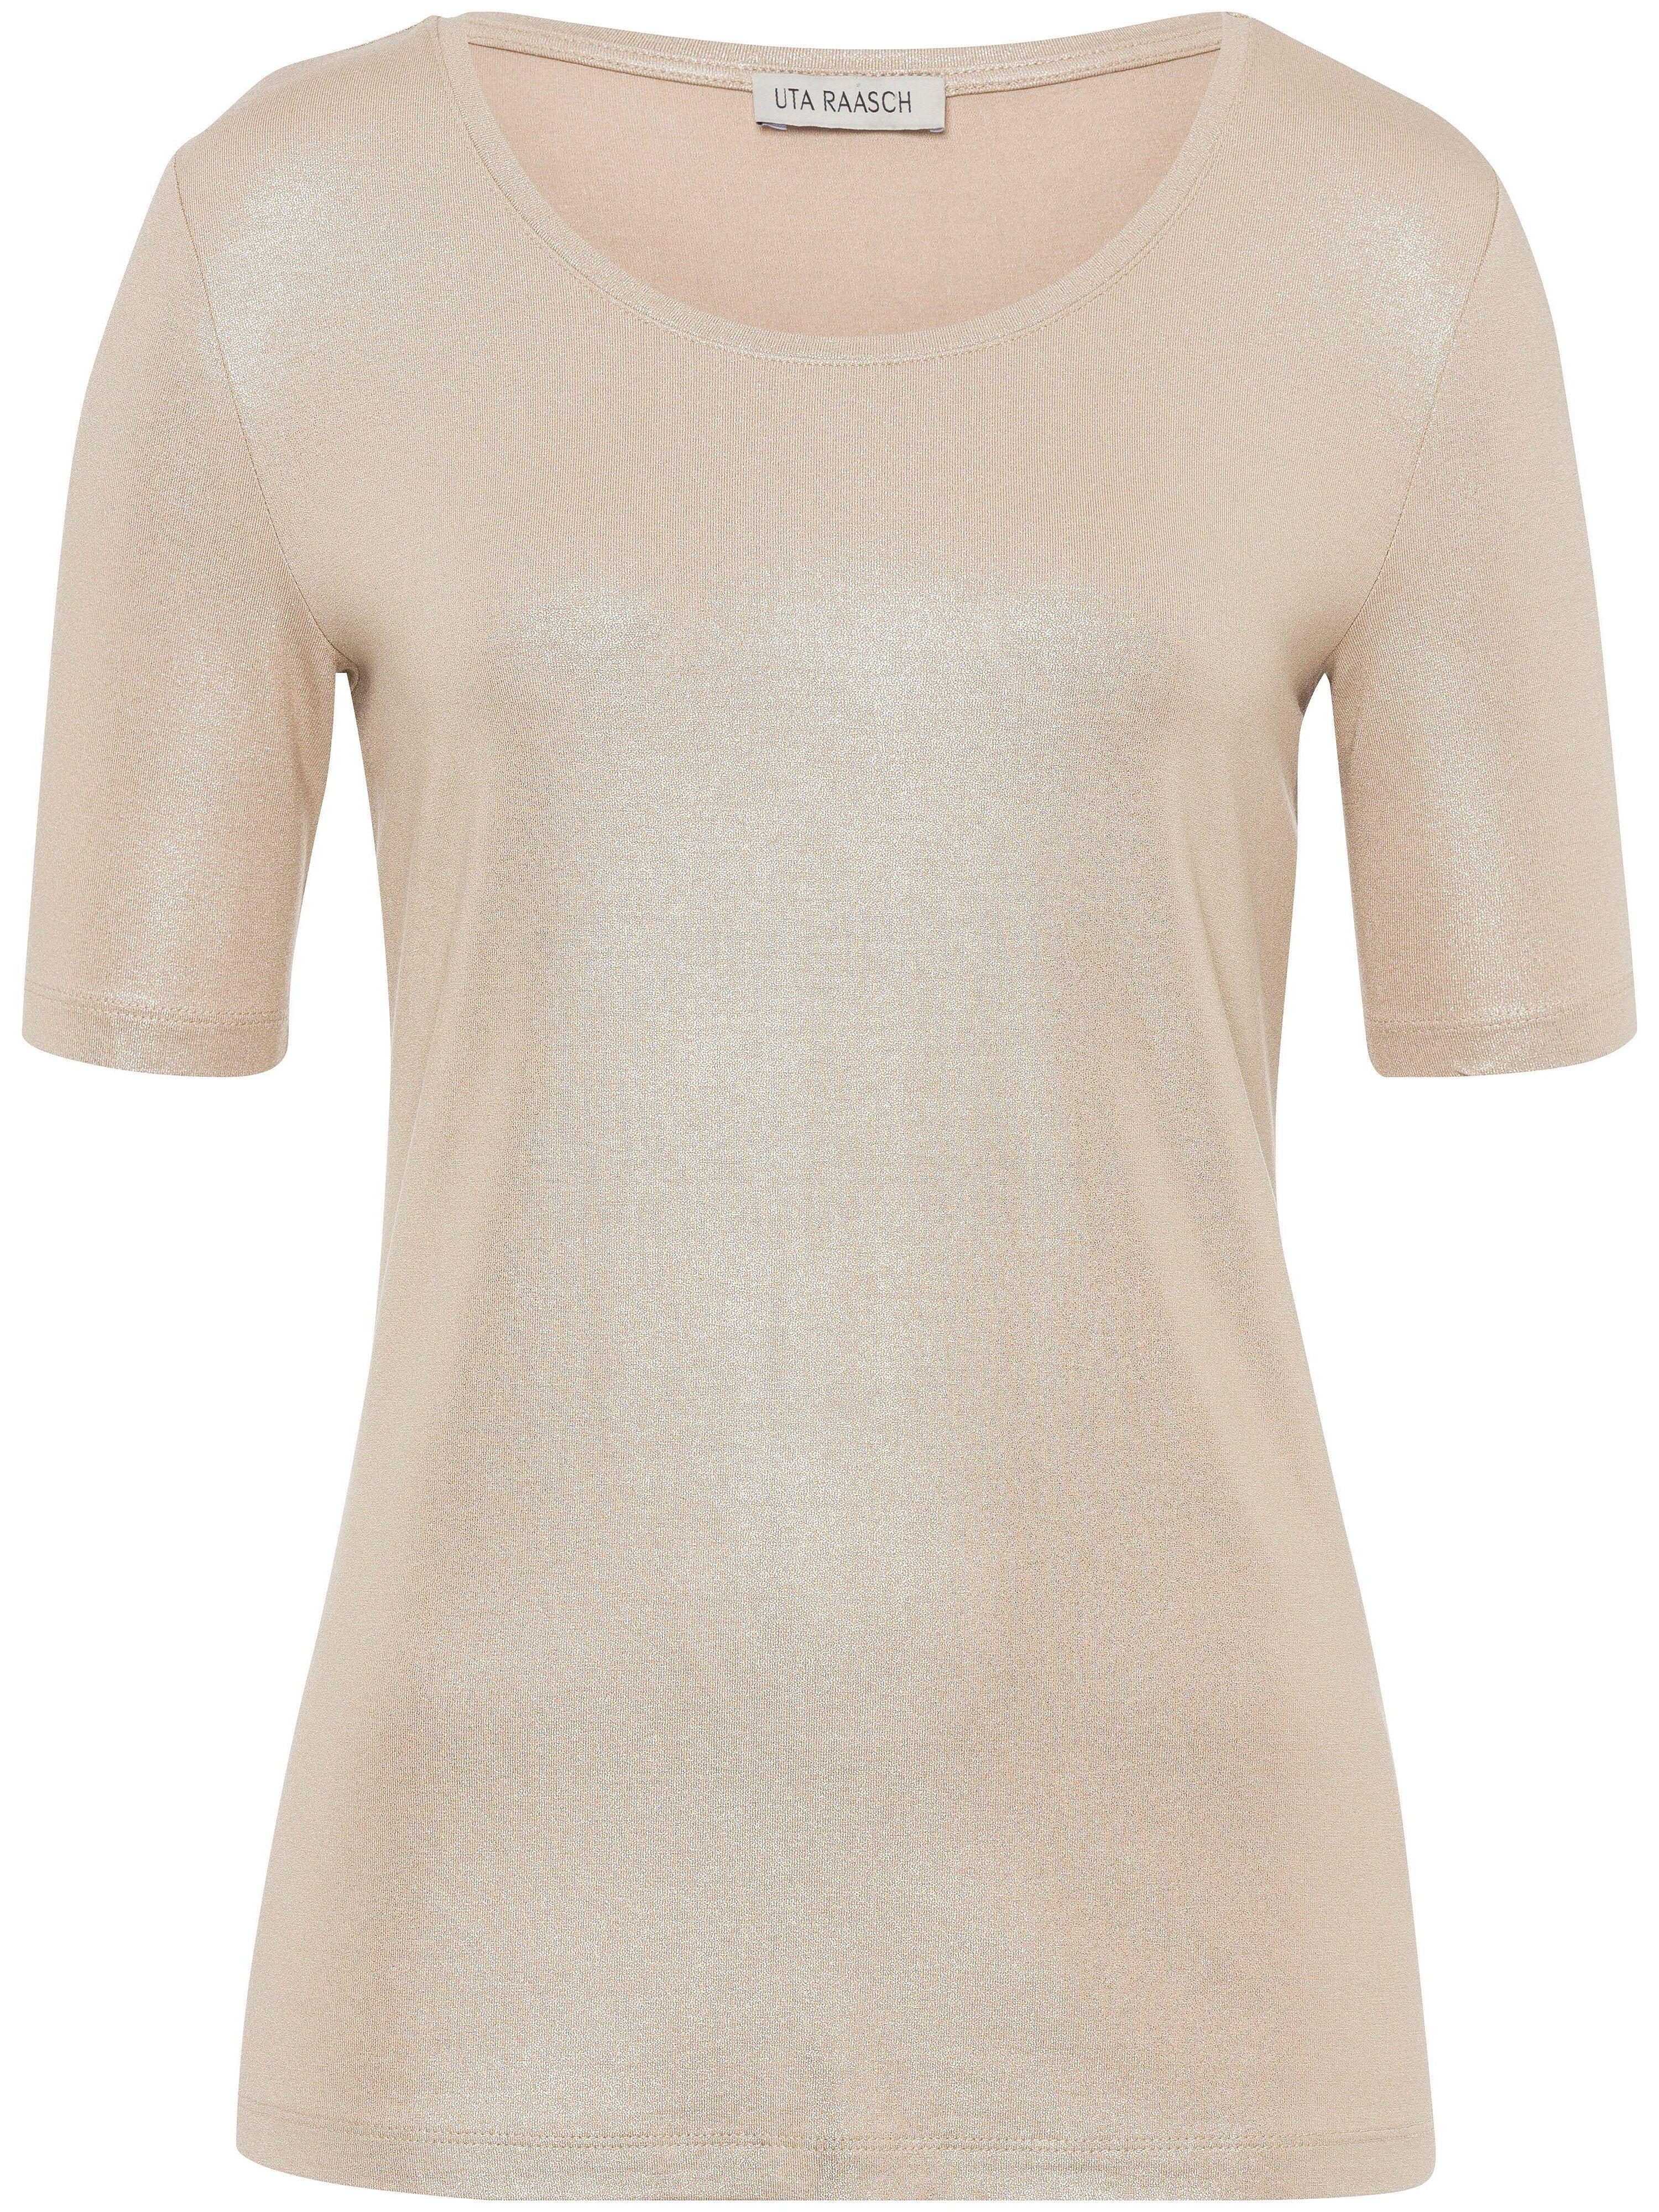 Uta Raasch Le T-shirt  Uta Raasch couleur or  - Femme - 38